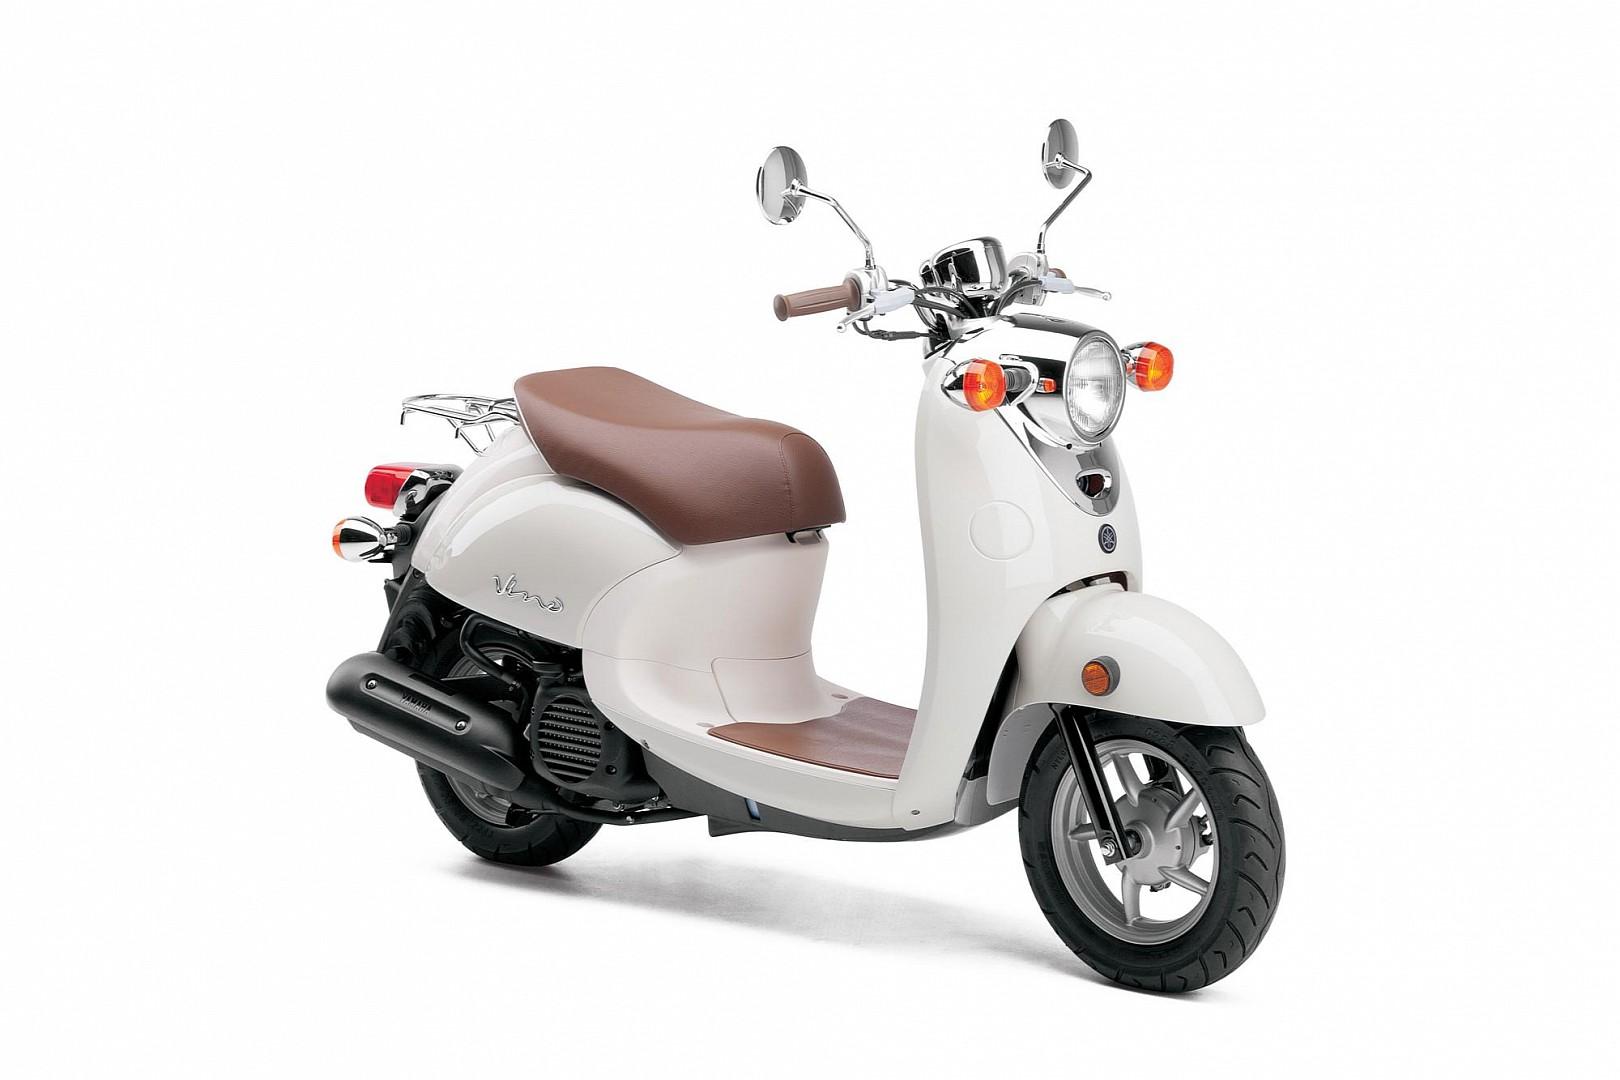 Yamaha Vino Classic Price